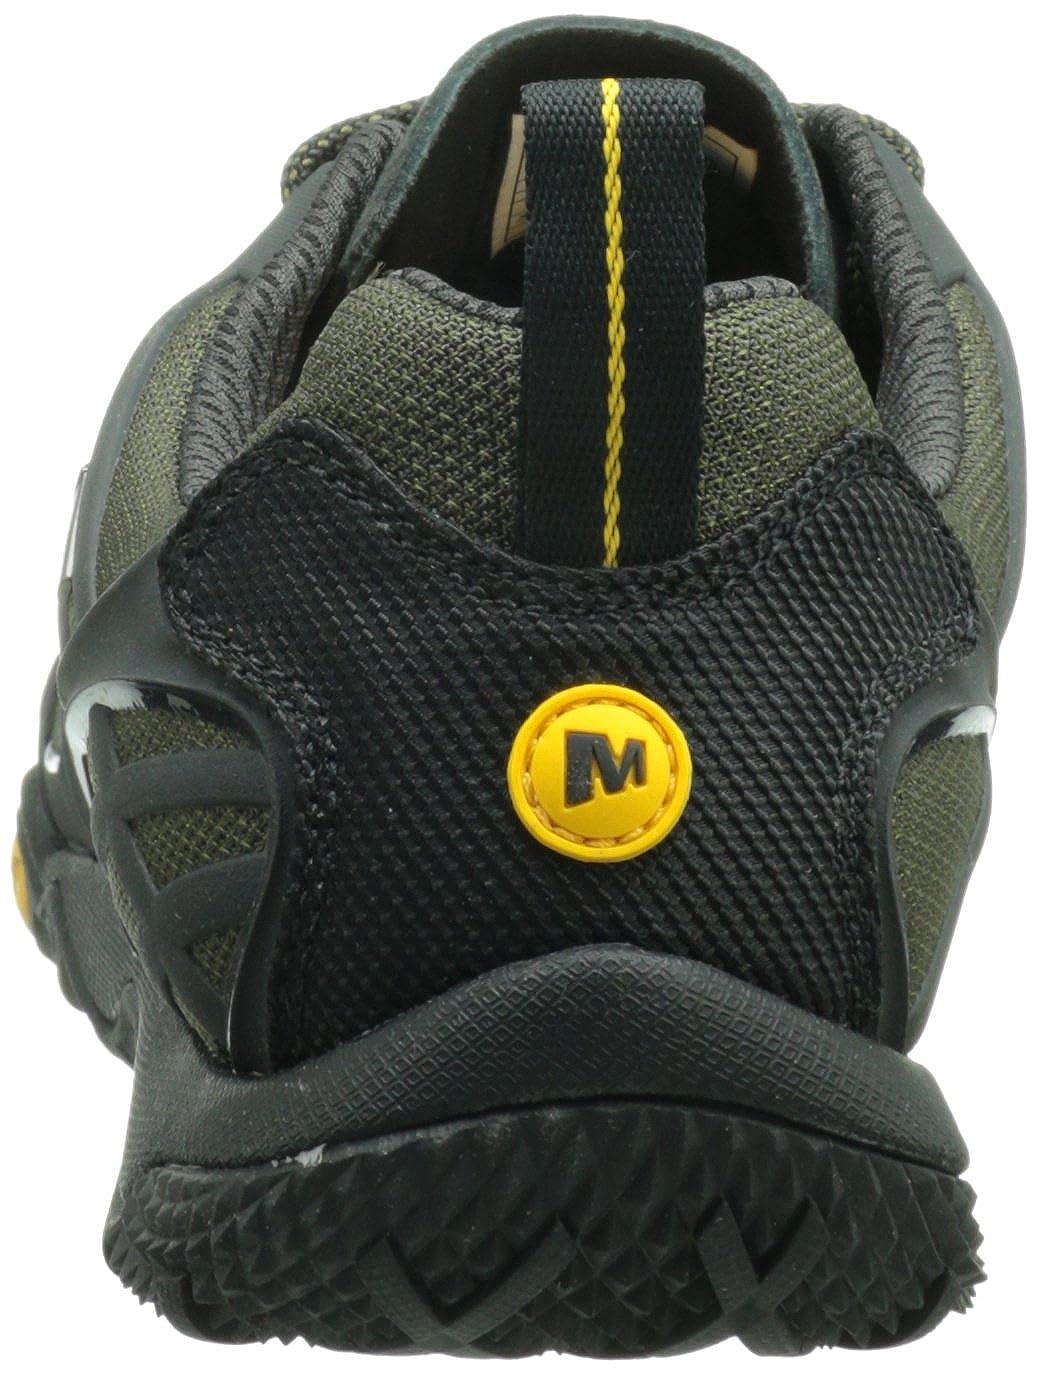 Merrell PROTERRA SPORT GTX J41887 - Zapatillas de montaña para hombre, Gris, 48: Amazon.es: Zapatos y complementos